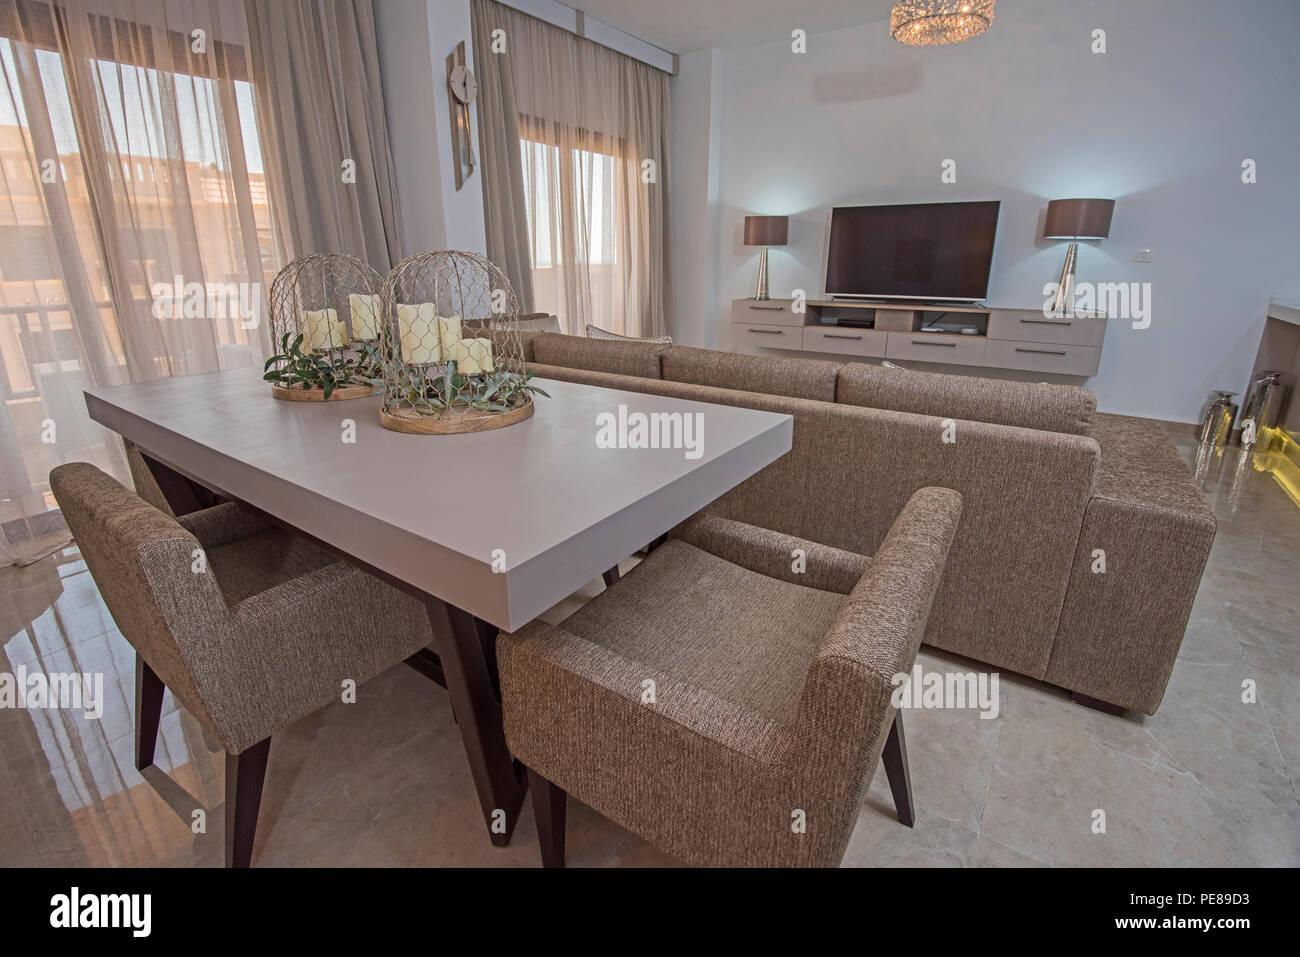 Sala Da Pranzo Salone Con Tavolo Da Pranzo In Un Appartamento Di Lusso Show Home Mostra Interior Design Decor E Arredamento Foto Stock Alamy